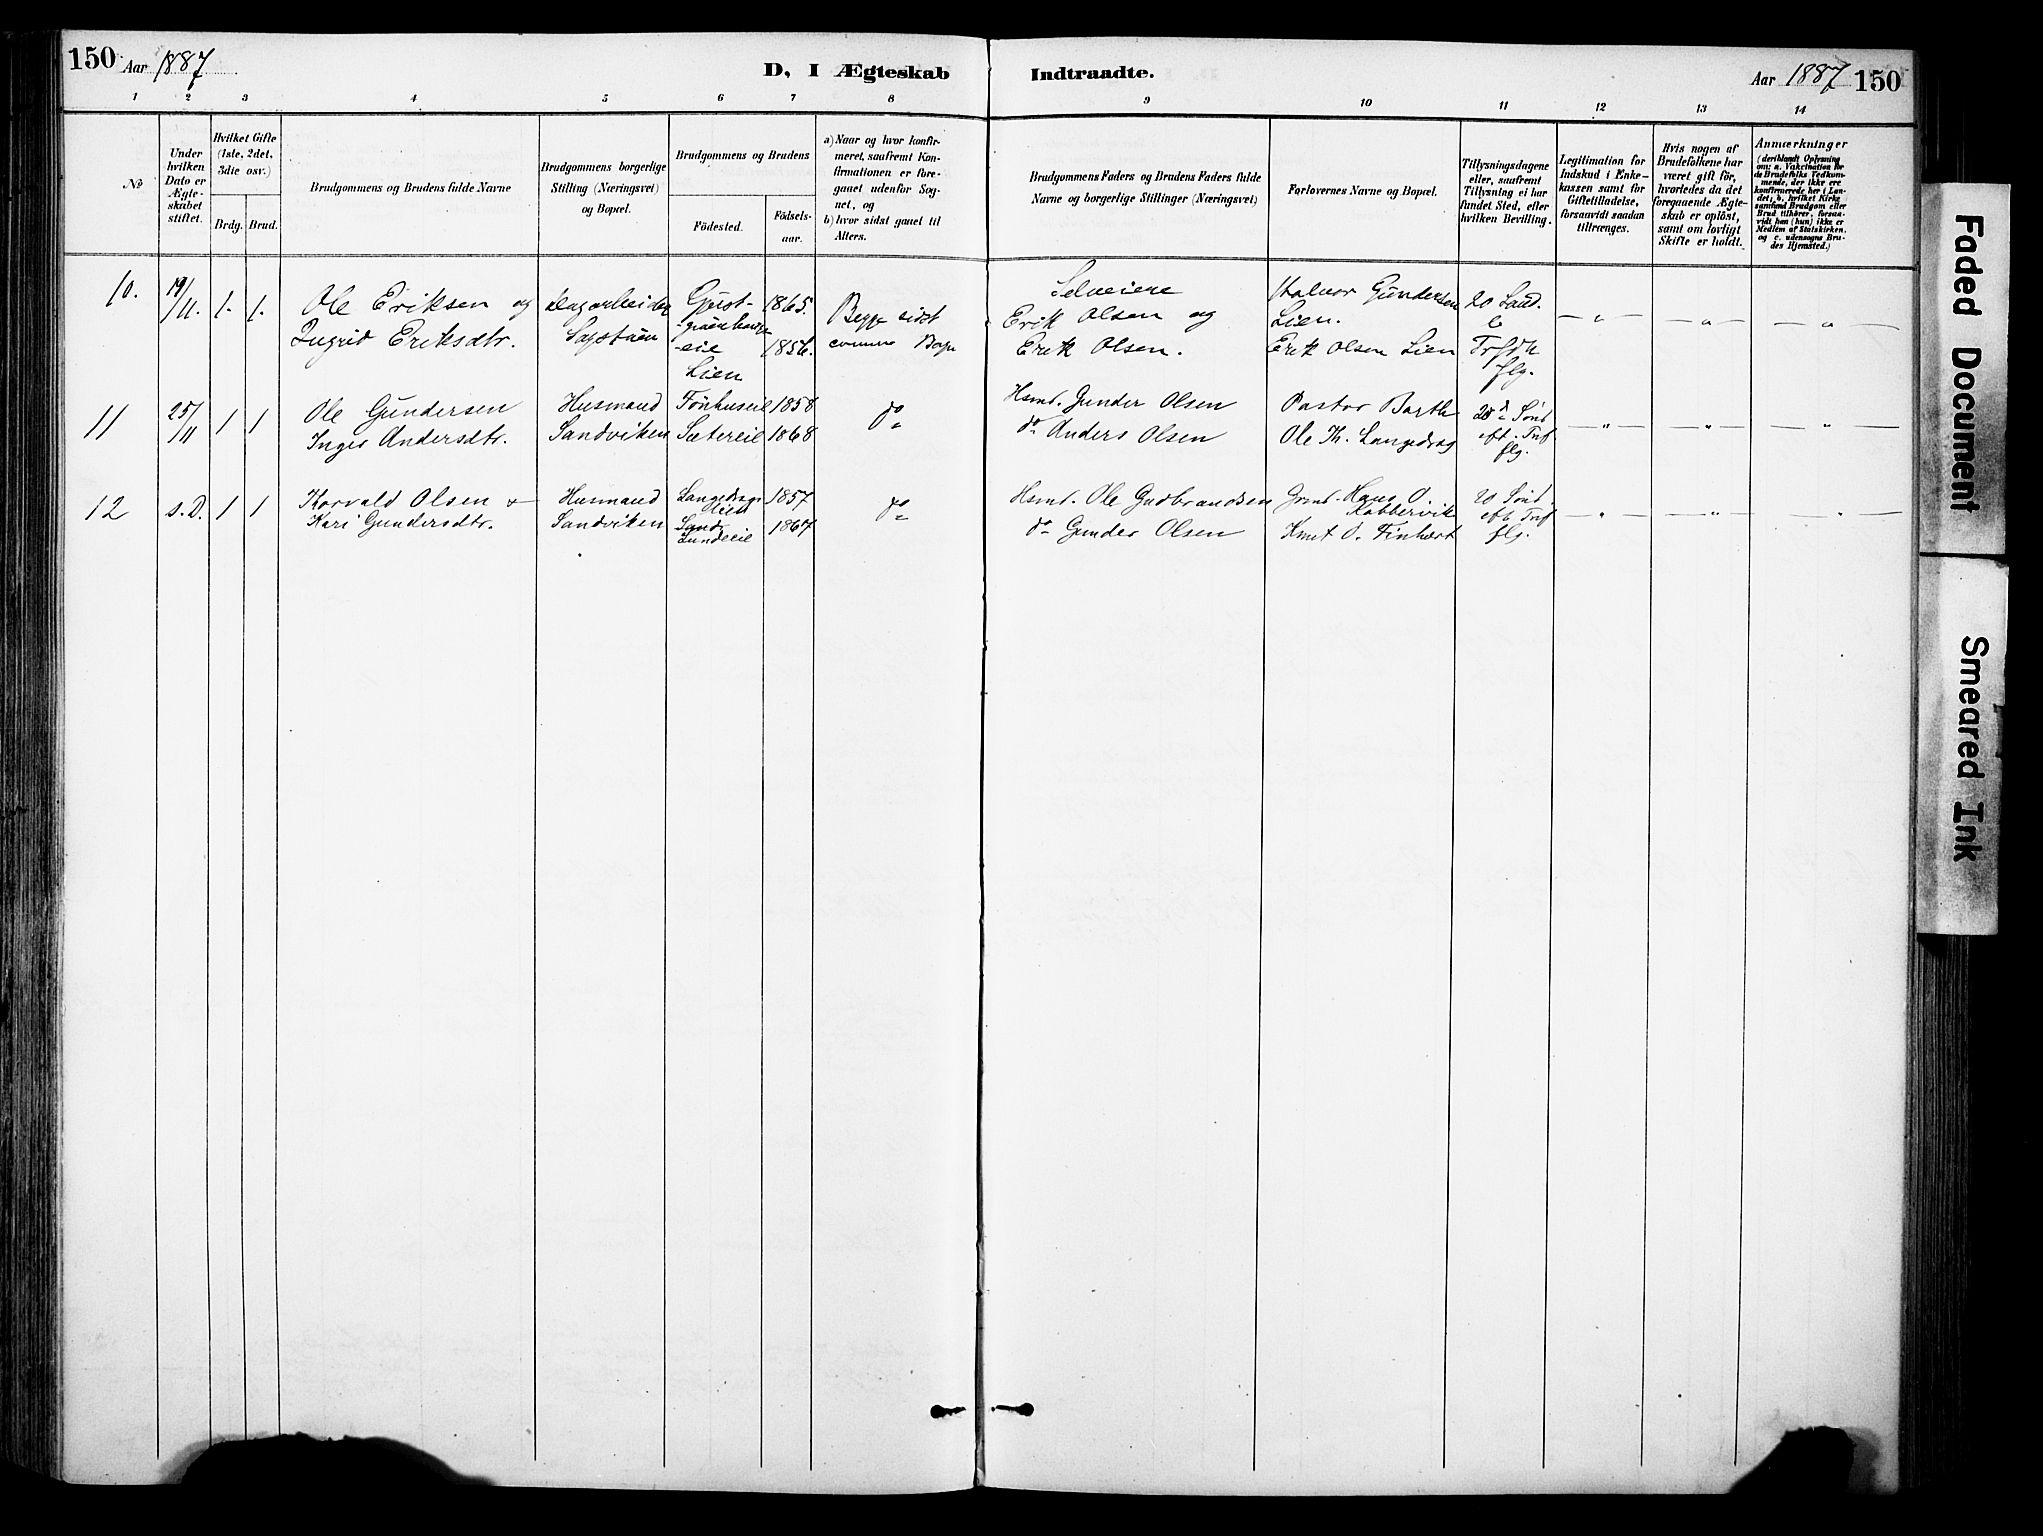 SAH, Sør-Aurdal prestekontor, Ministerialbok nr. 9, 1886-1906, s. 150